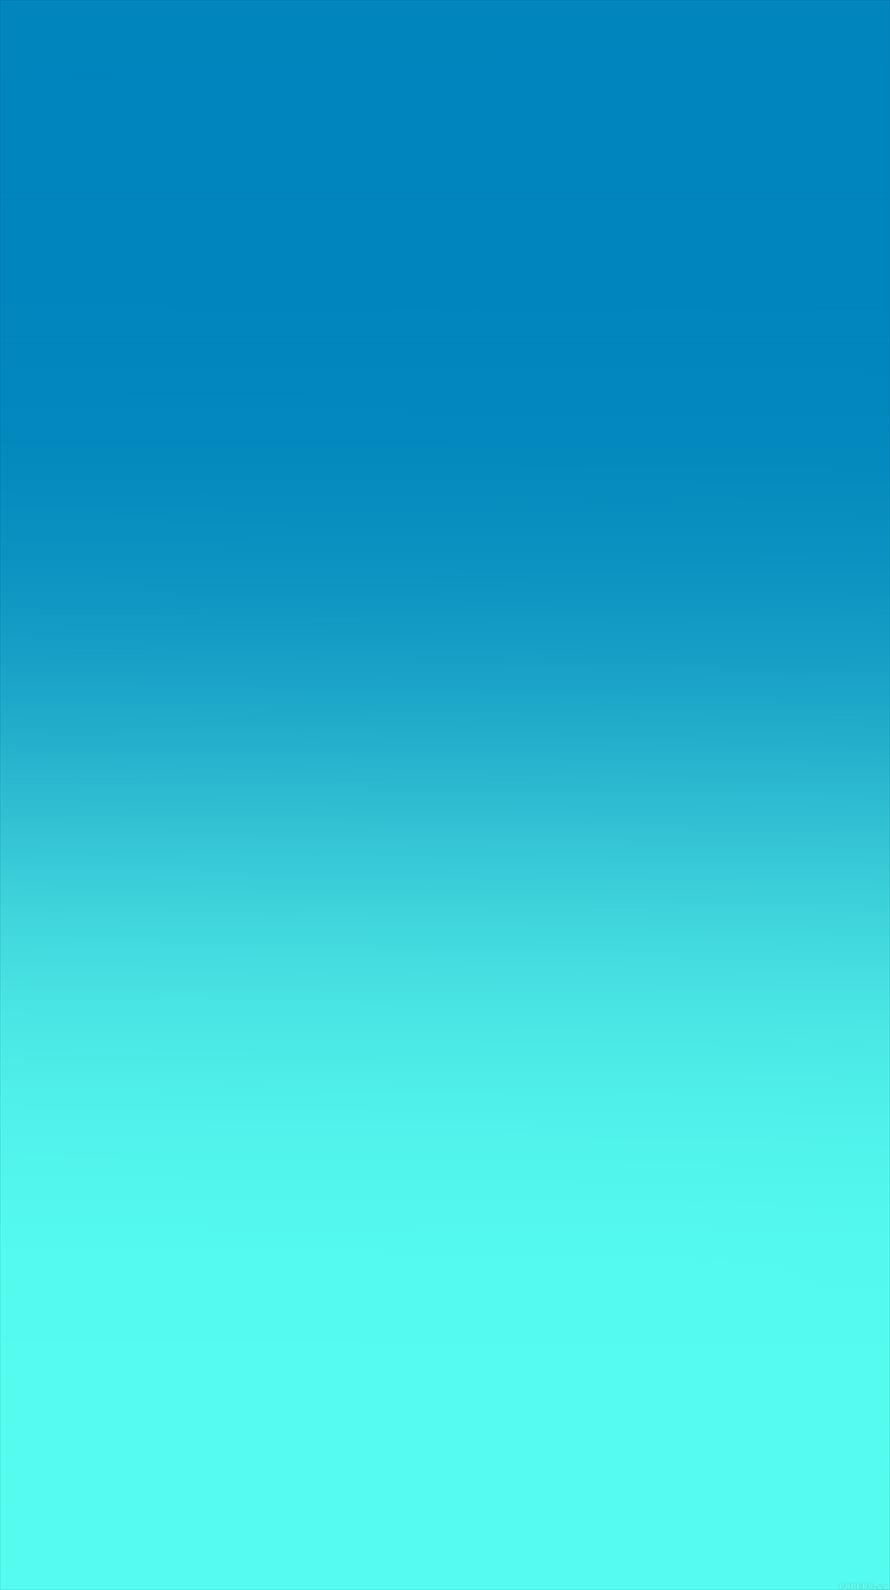 ブルー グラデーション 綺麗 Iphone6壁紙 Wallpaperbox